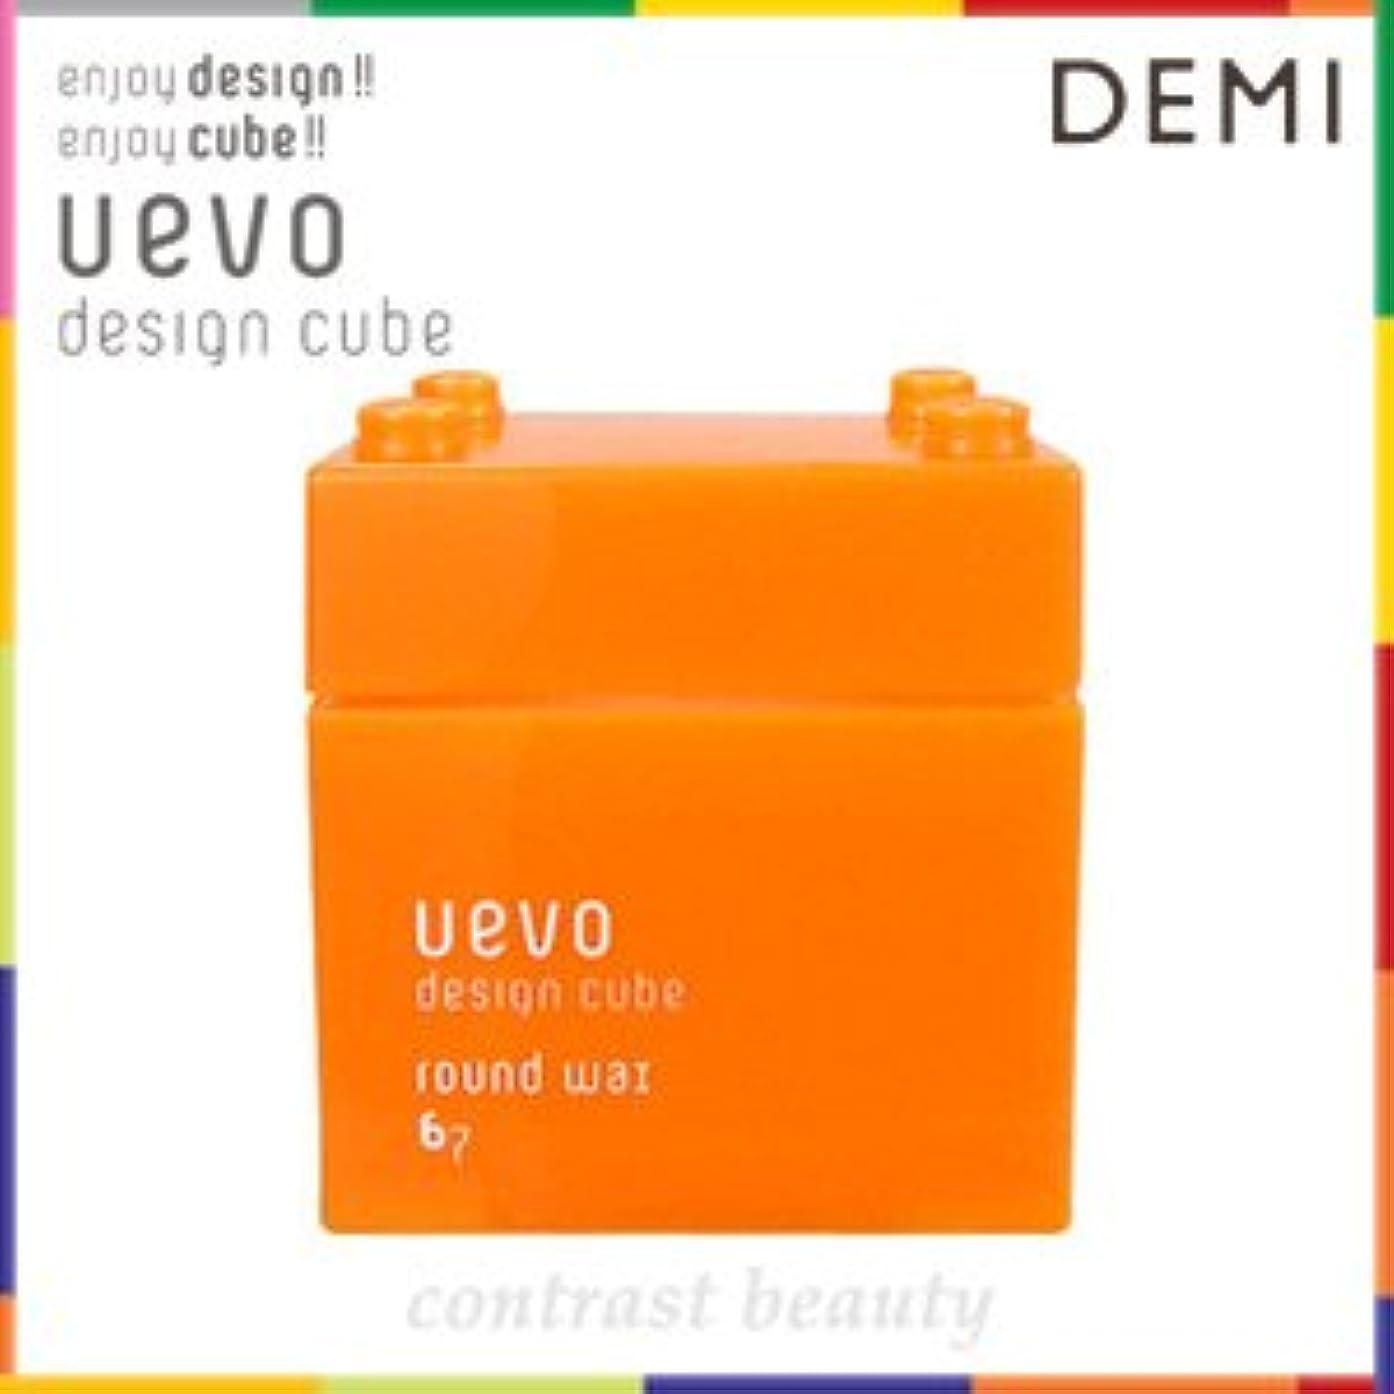 操縦する傾向なす【X2個セット】 デミ ウェーボ デザインキューブ ラウンドワックス 80g round wax DEMI uevo design cube